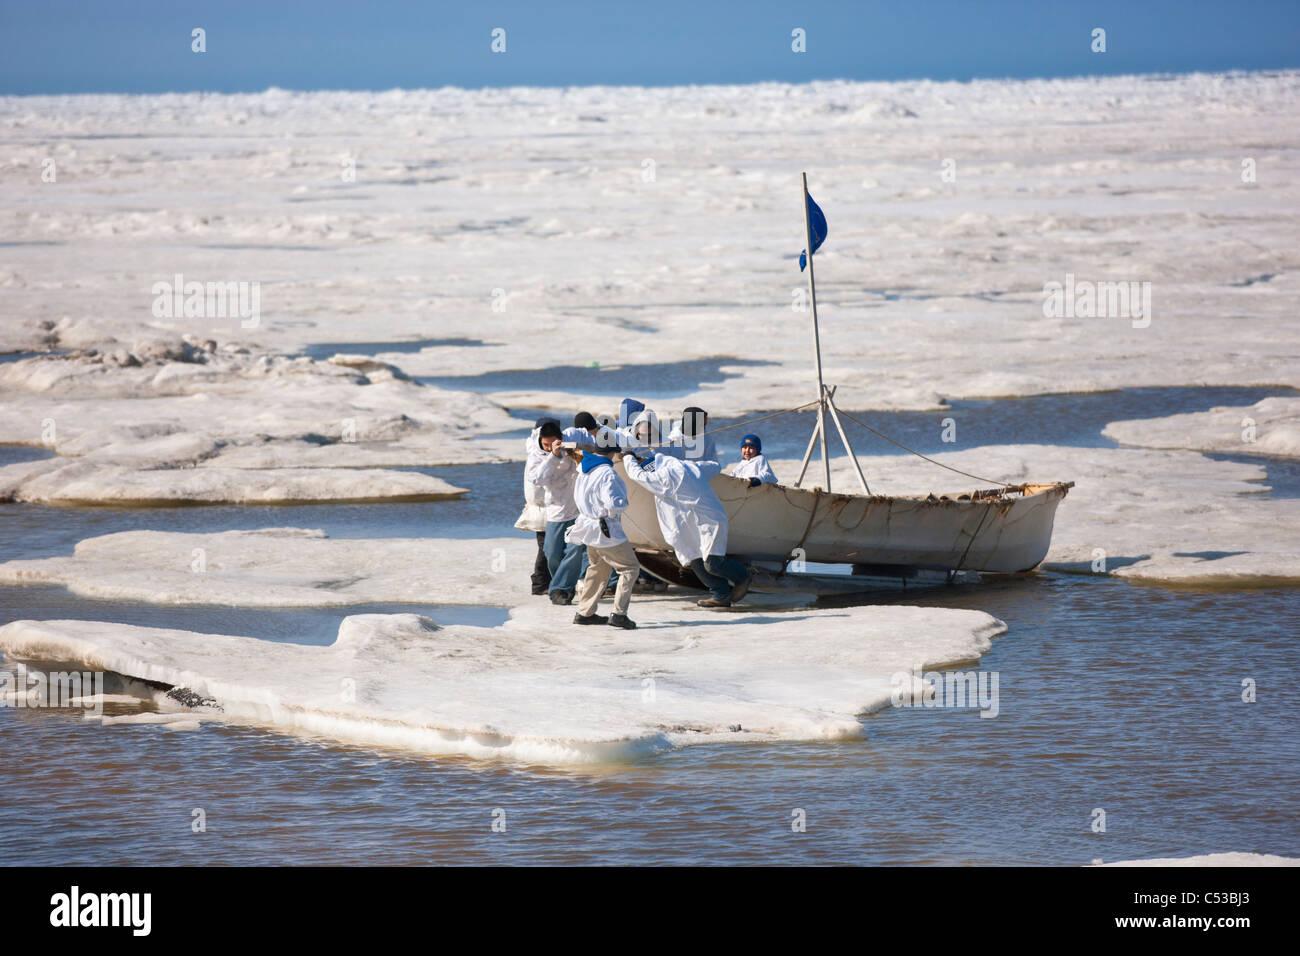 L'équipage de l'umiaq pousse leur chasse au large de la glace de mer Chuchki à la fin de la saison de chasse du printemps à Barrow, Alaska arctique, l'été Banque D'Images